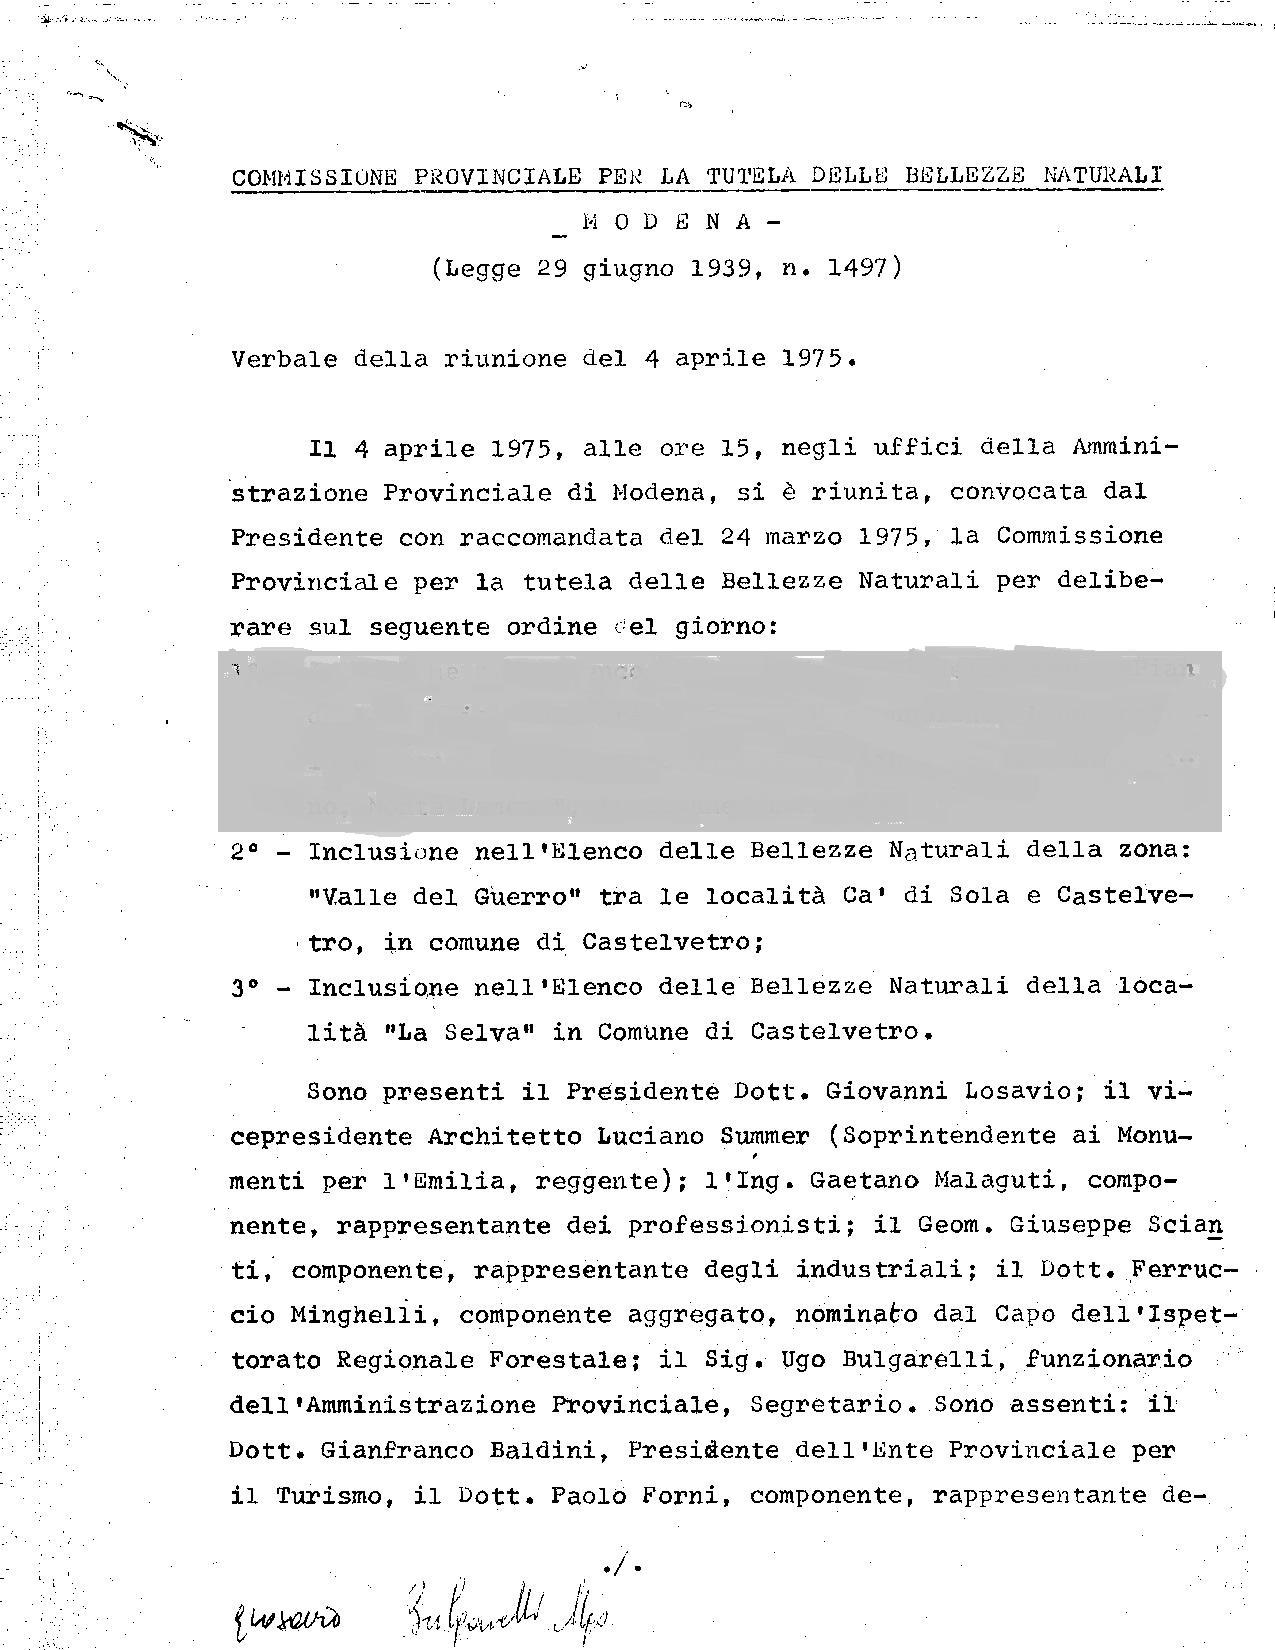 mo_202d.pdf Valle Guerro 4 aprile 1975-page-001.jpg 1